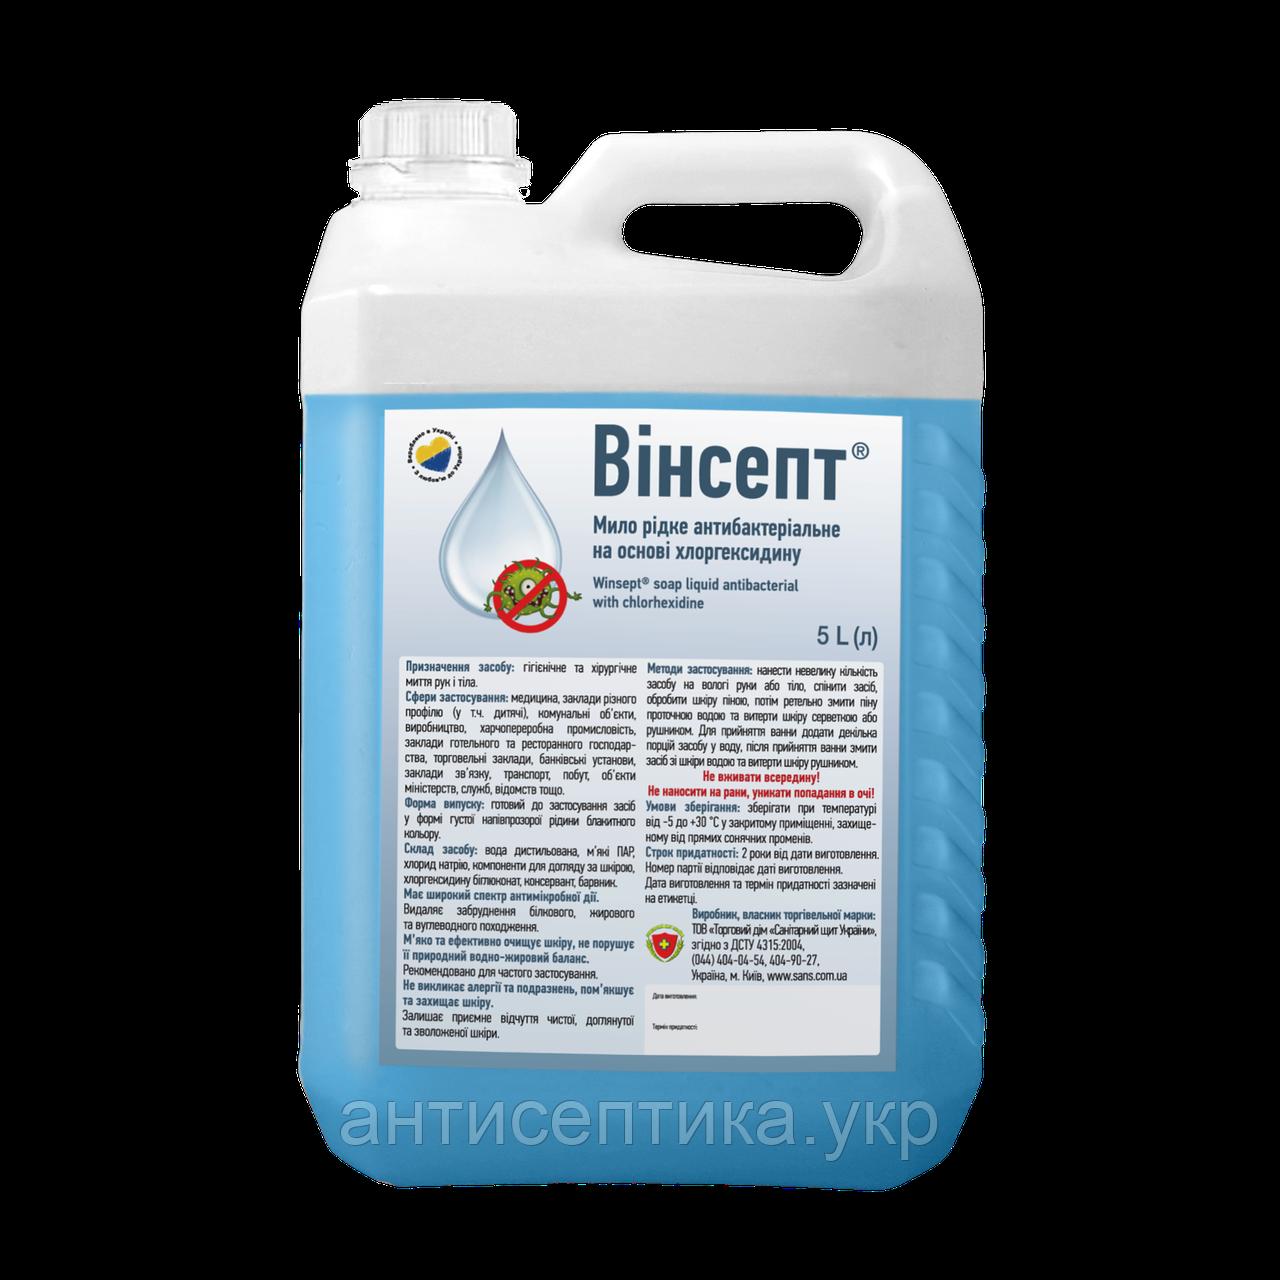 Винсепт мыло жидкое антибактериальное с хлоргексидином 5 л